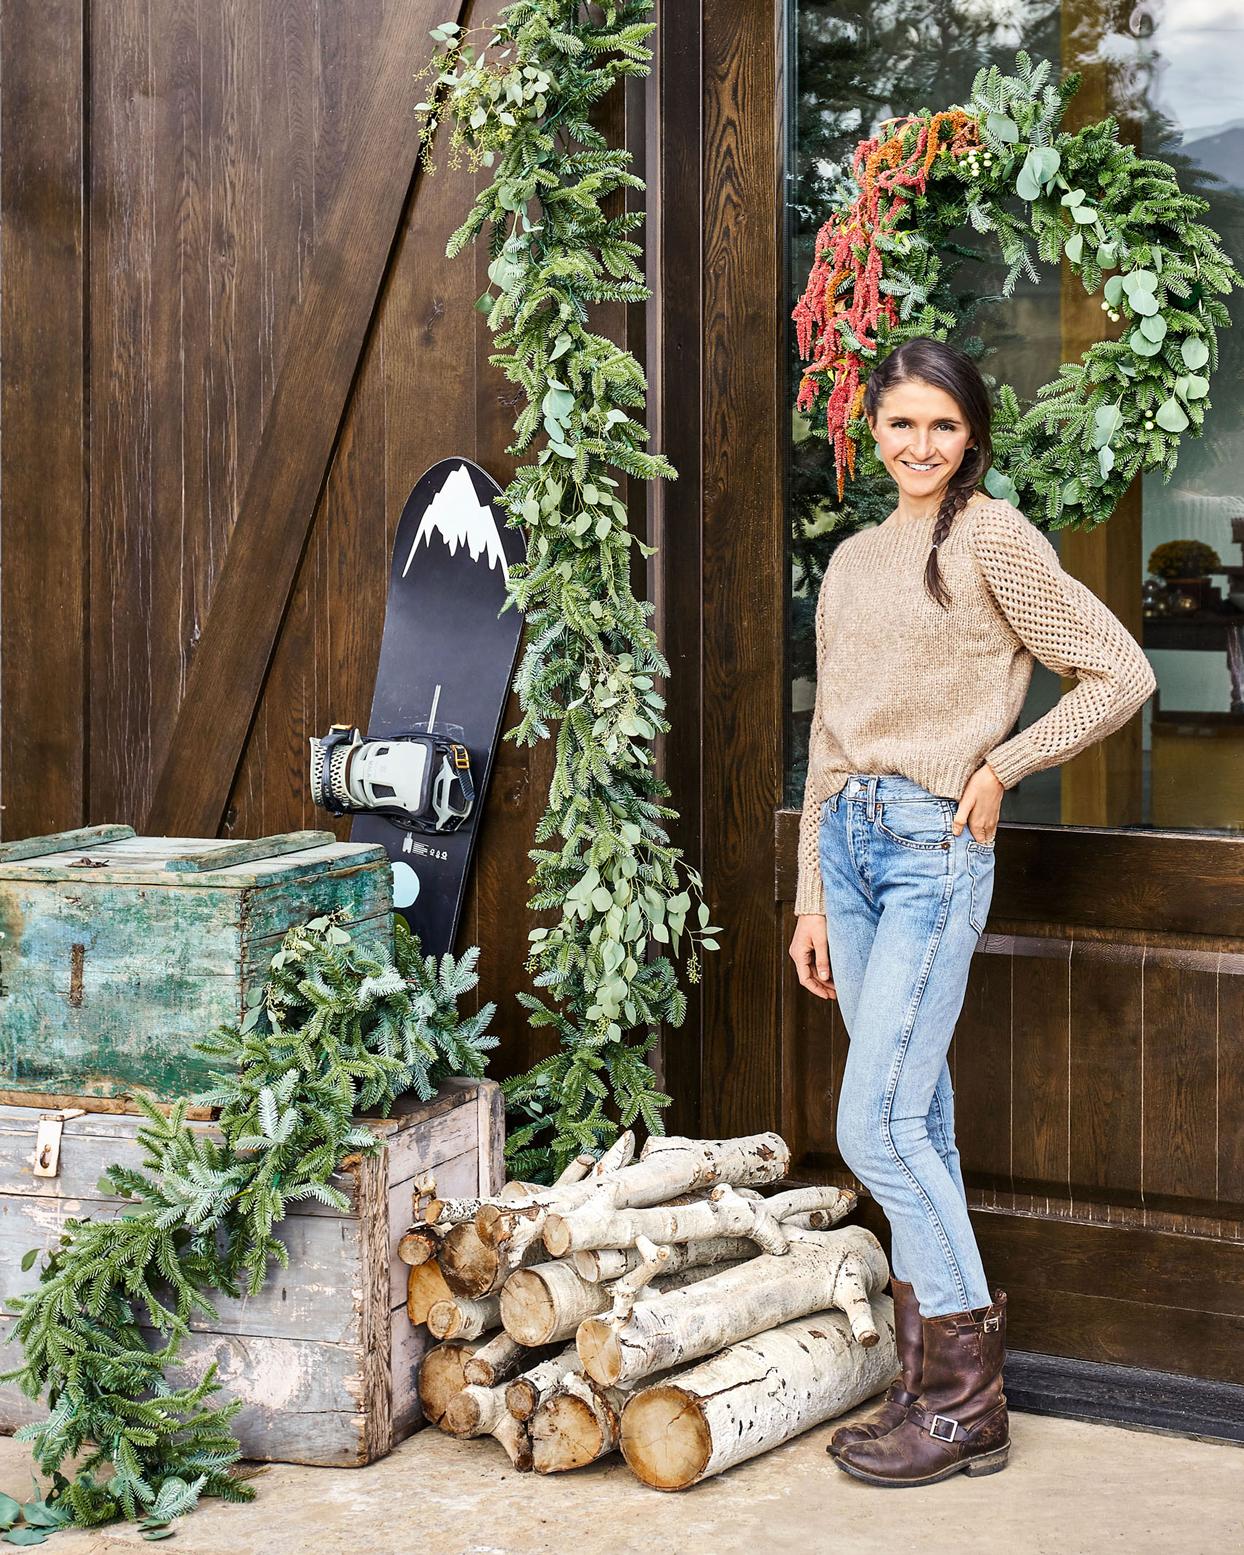 tieghan gerard posing with festive front door